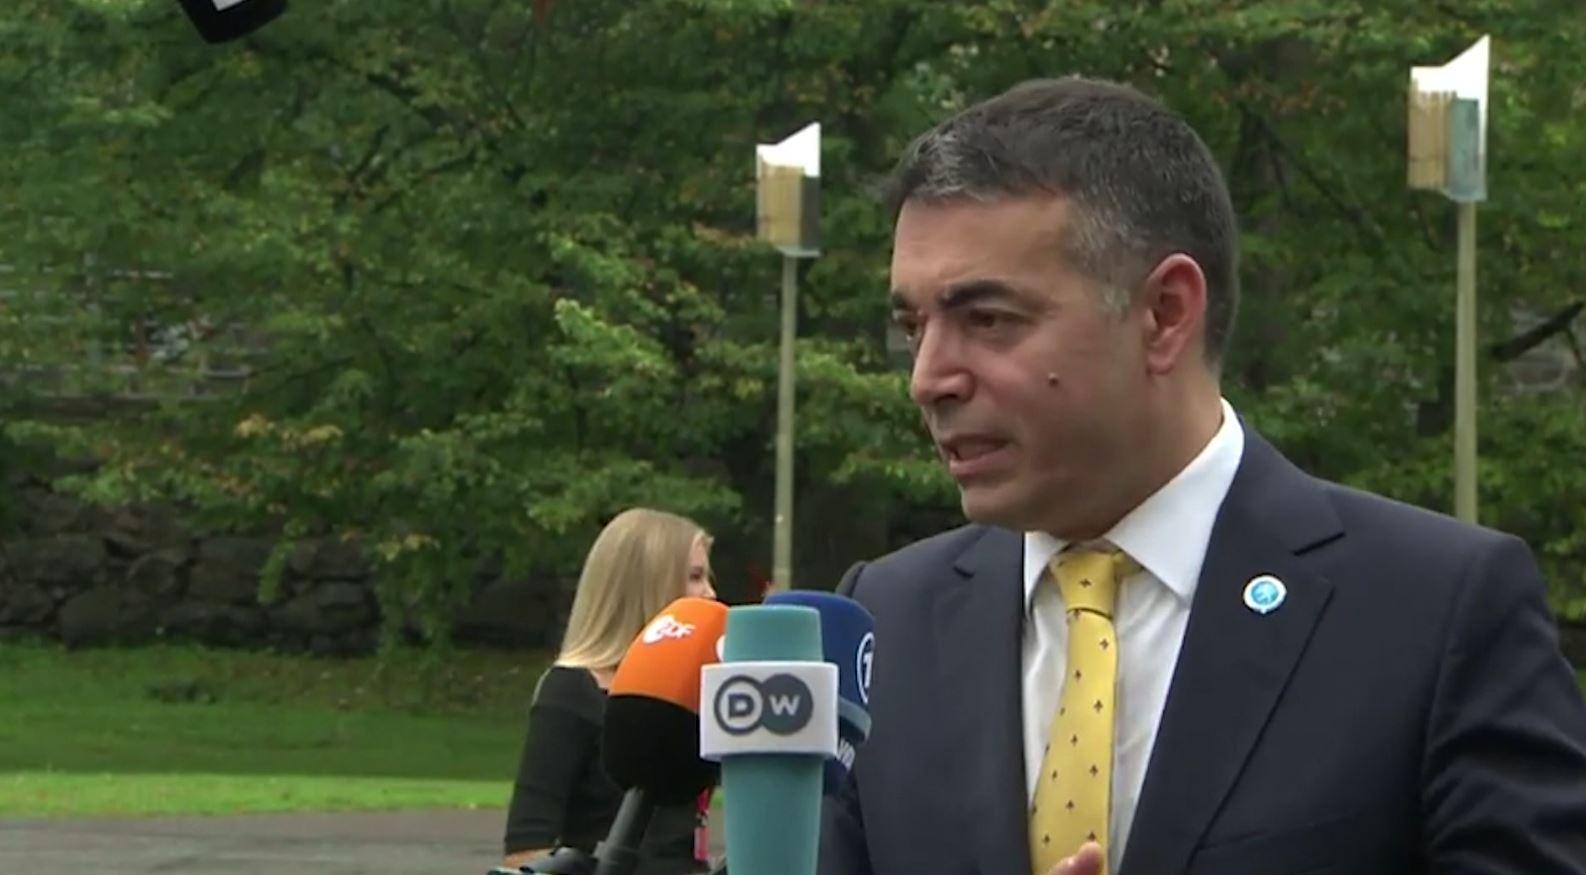 Ministri i jashtëm i Maqedonisë së Veriut Dimitrov: Më mirë të ketë vendime të ndara për çdo vend